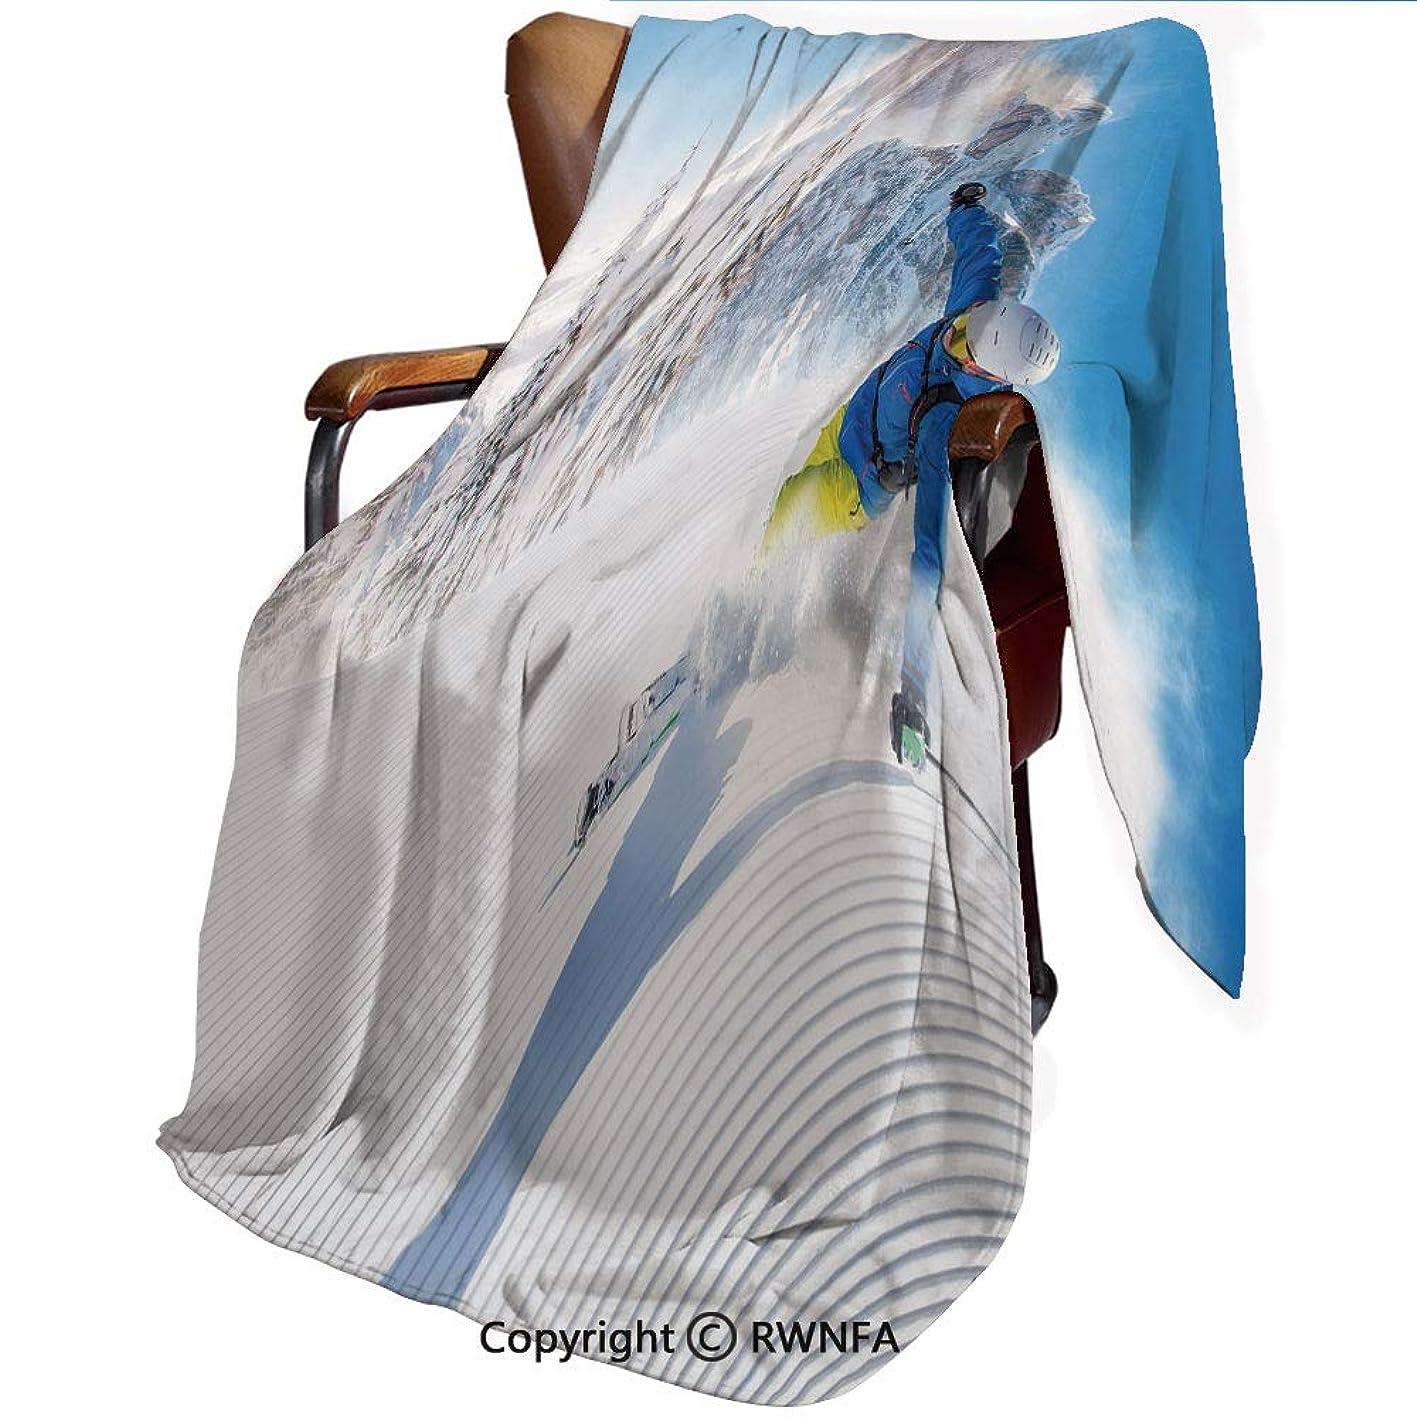 前任者心理的中間印刷者 毛布 シングル ネイビー マイヤー毛布 高山のスキーダウンヒル極端な冬のスポーツの趣味活動装飾 プレミアム マイクロファイバー 軽い 発熱効果 セミダブル 防寒毛布 洗濯OK 冷房対策 通年使 140cmx200cm